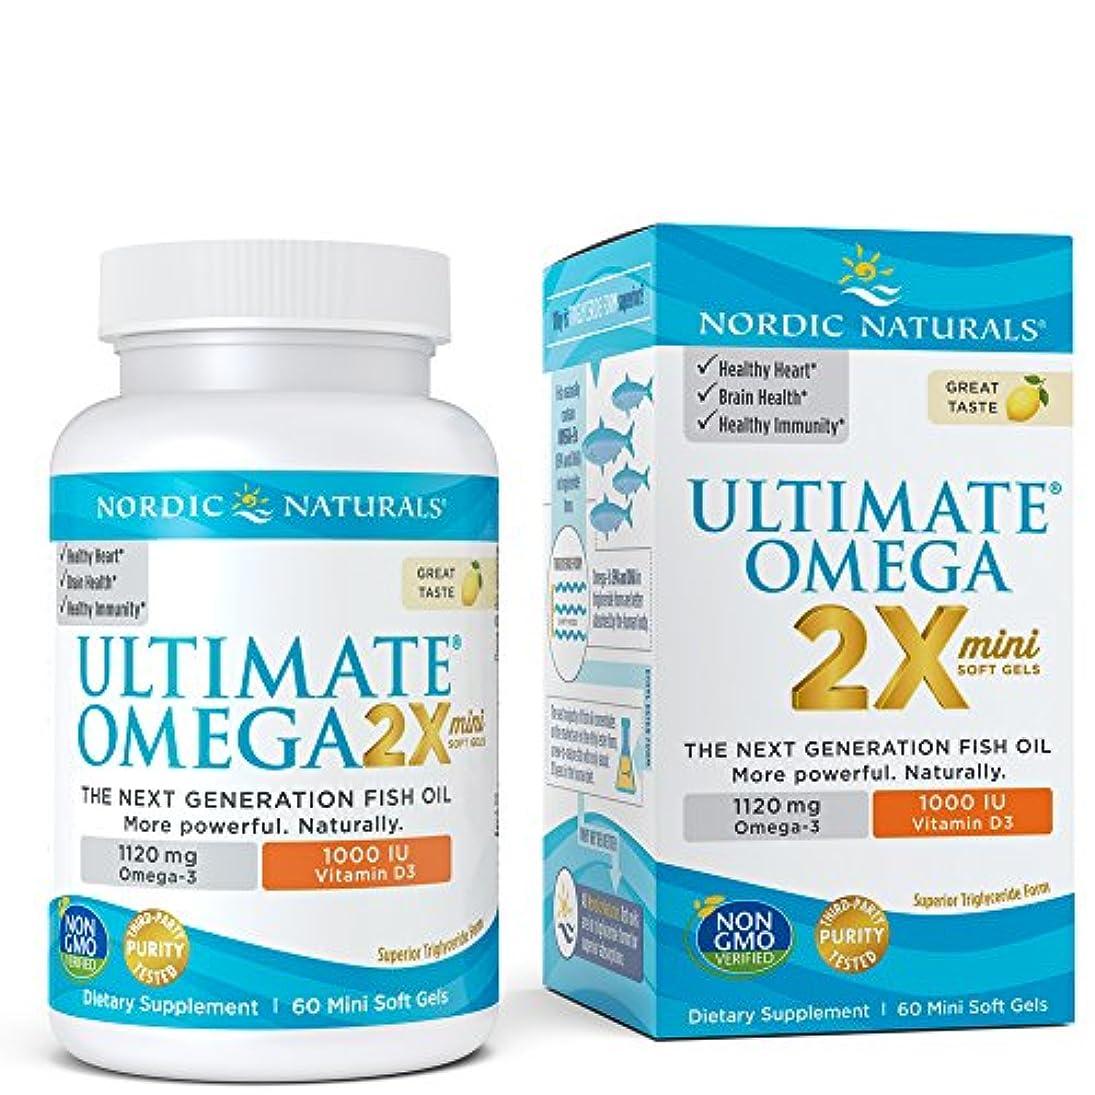 観客スープ計算するNordic Naturals Ultimate Omega 2x Mini with D3 アルティメットオメガ 2x ミニ ウィズ D3 レモン味 60錠 [海外直送品]